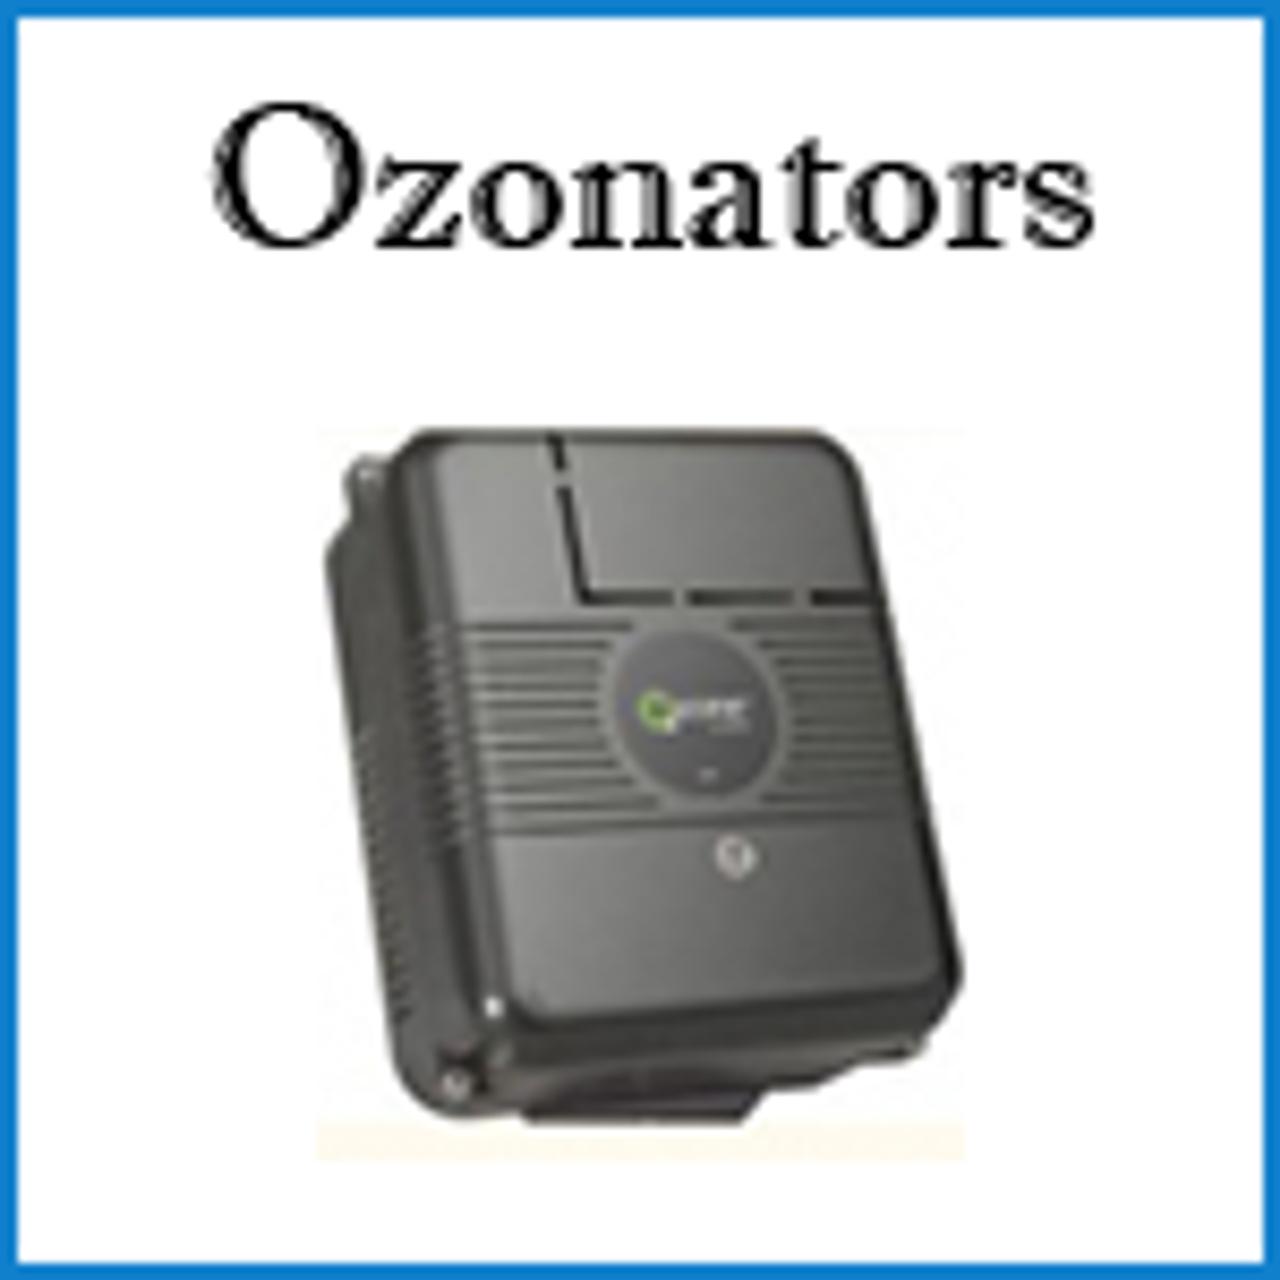 Ozonators